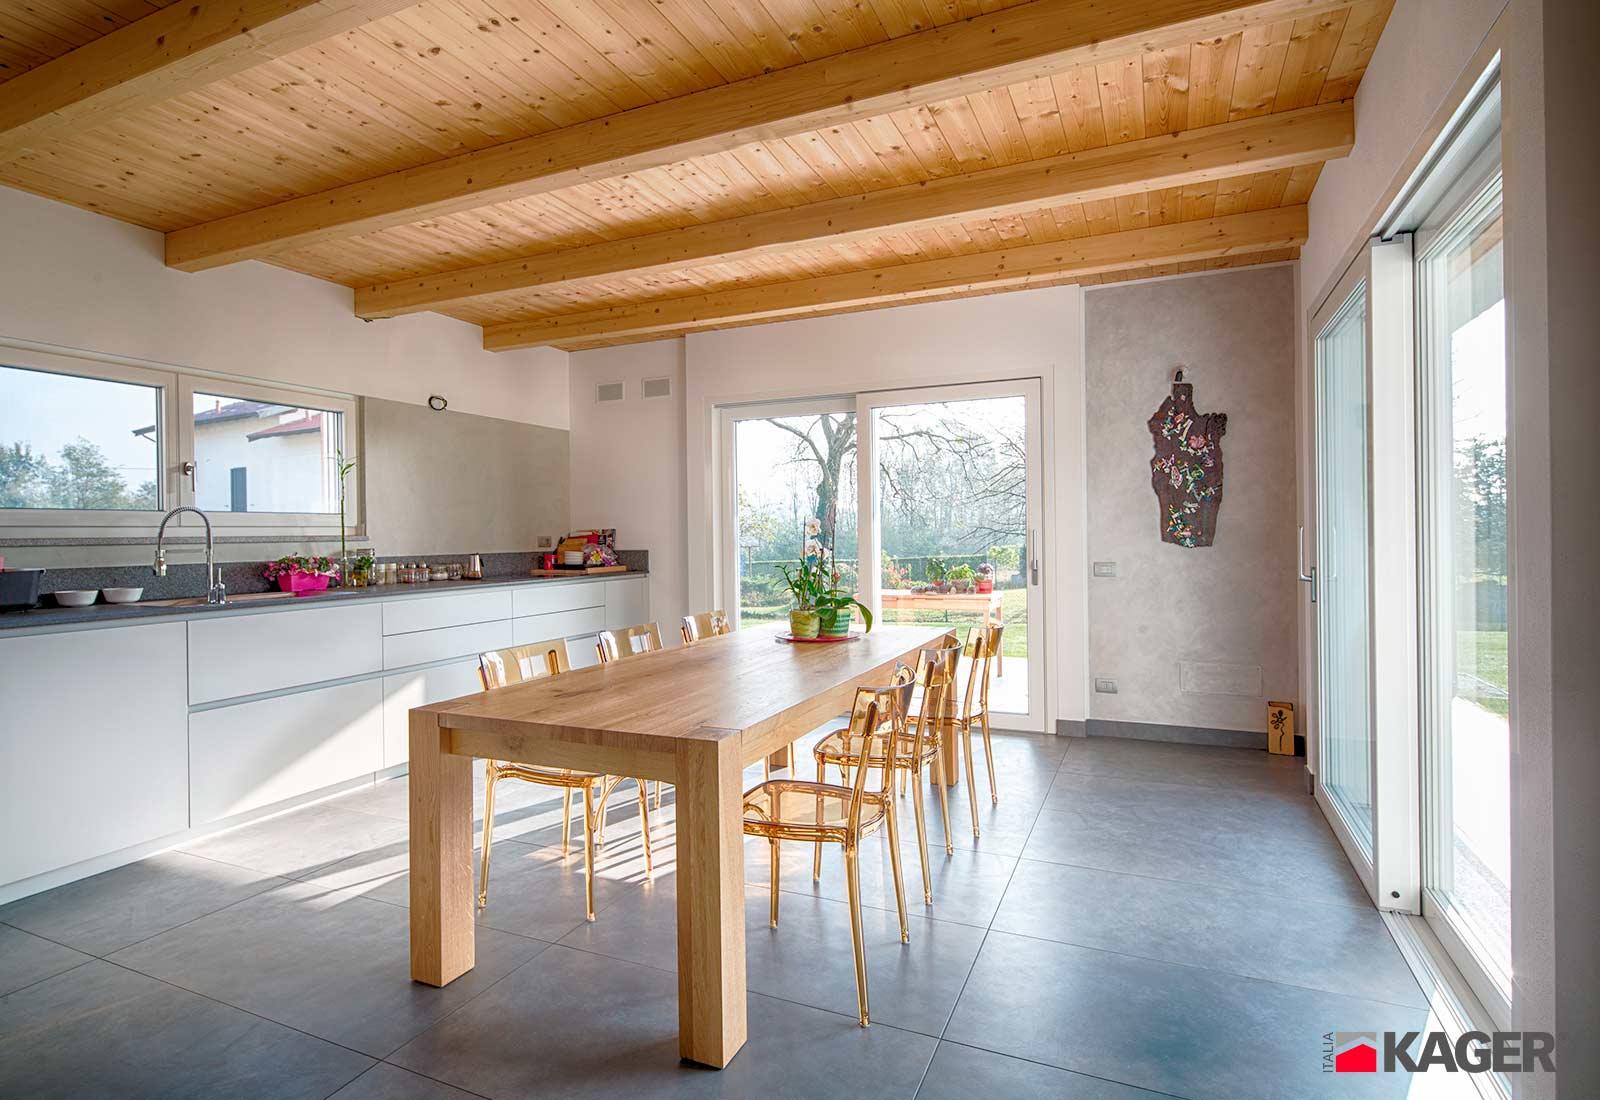 Casa-in-legno-Brebbia-Kager-Italia-07